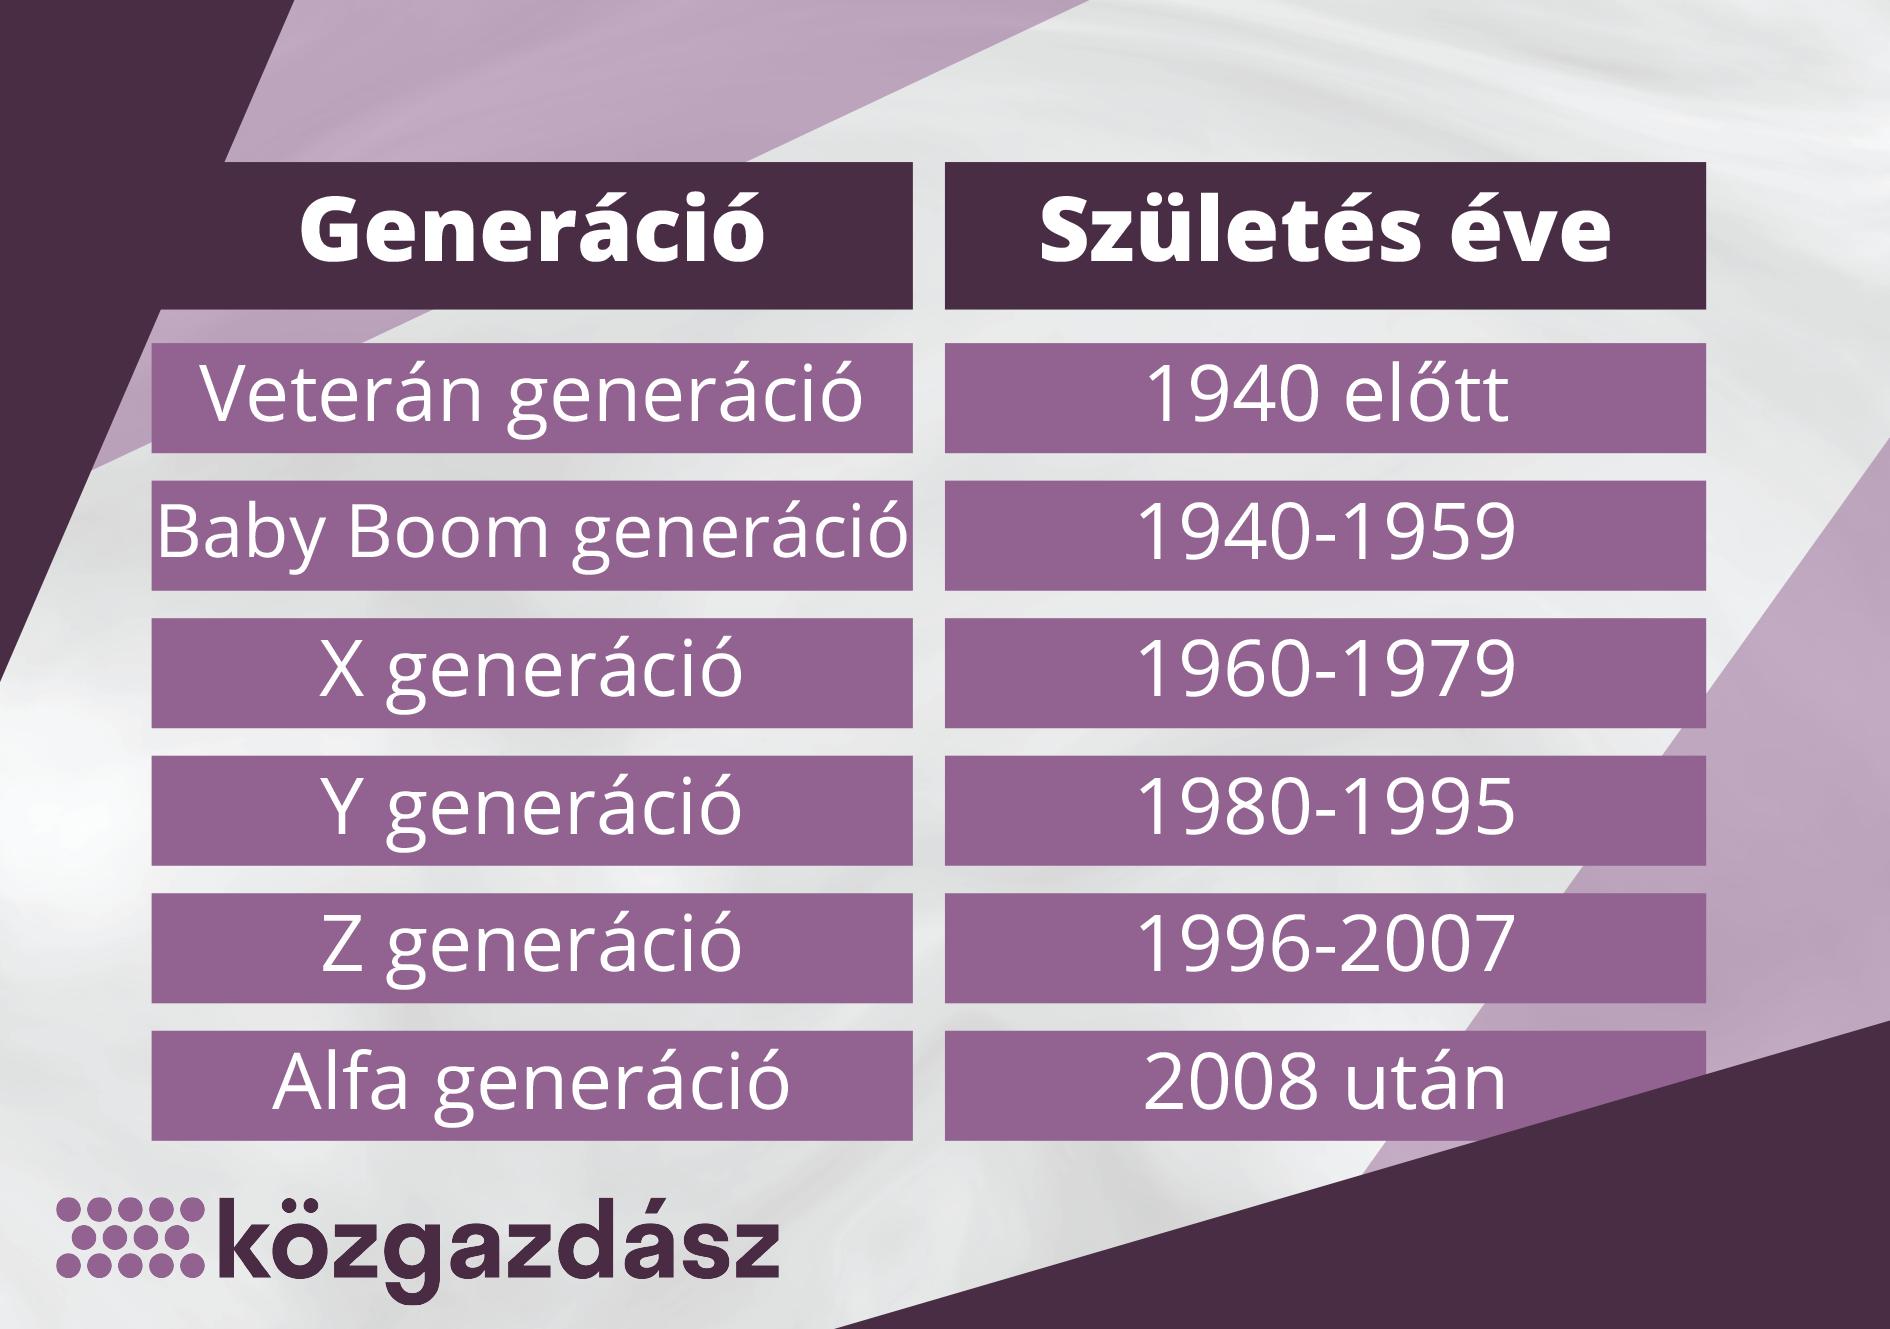 generaciok.png